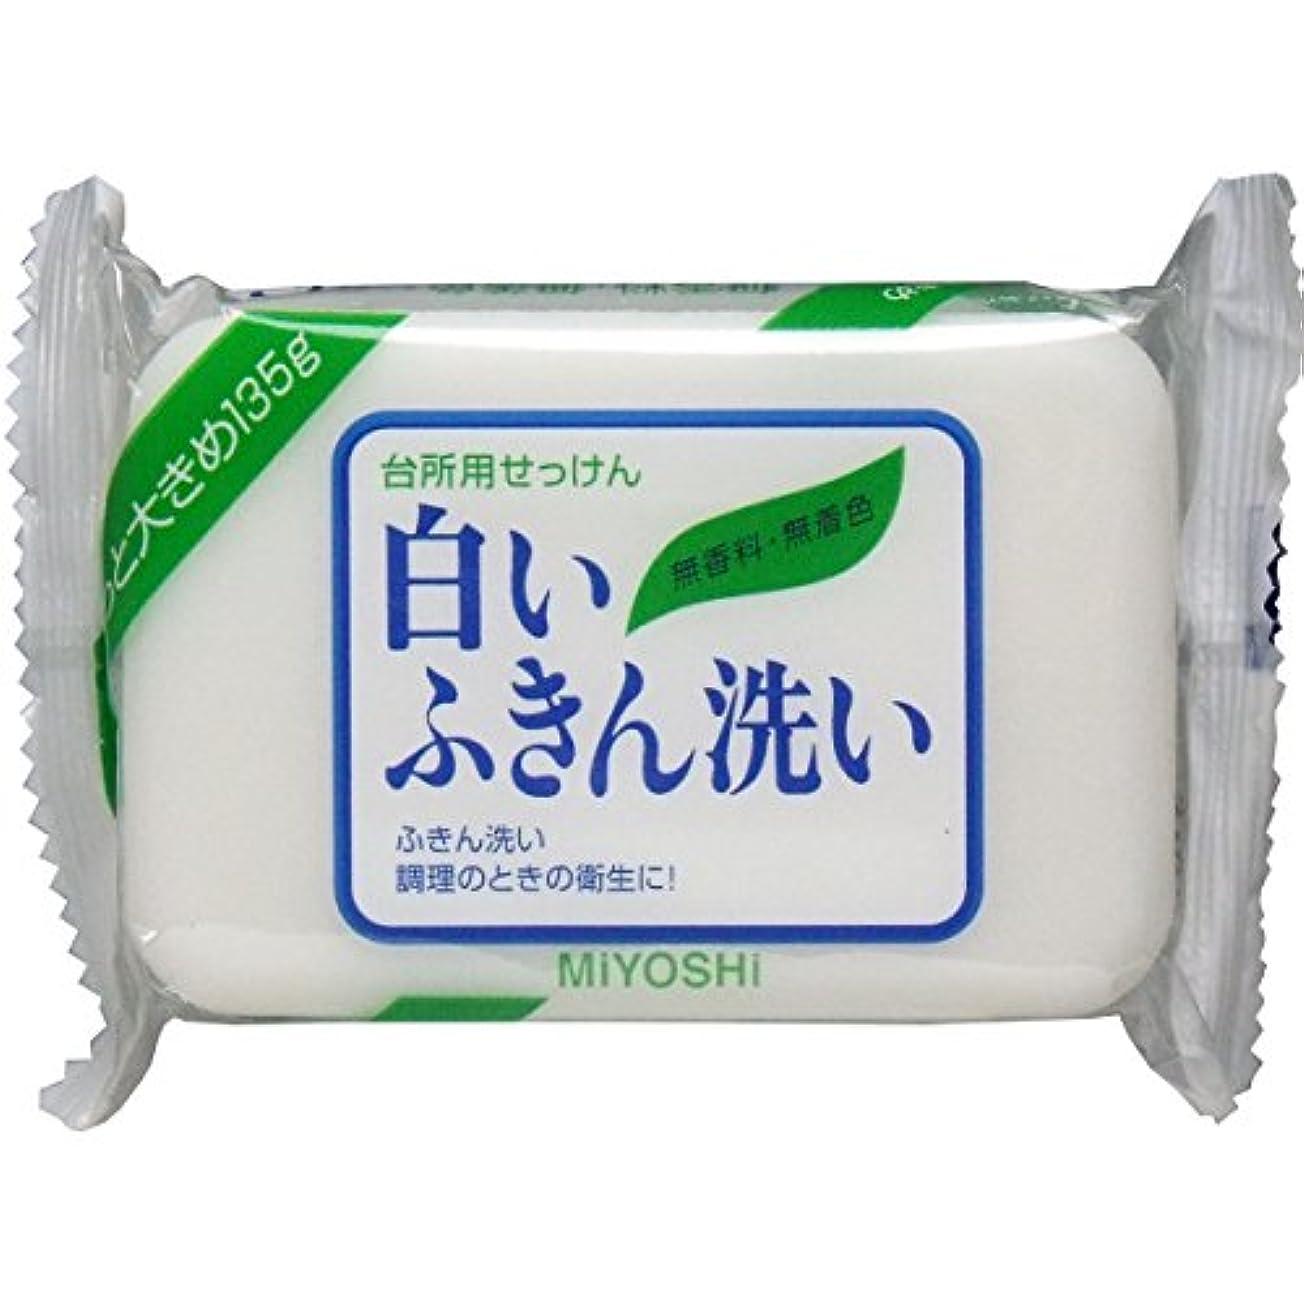 サーバ強盗瀬戸際ミヨシ石鹸 白いふきん洗い